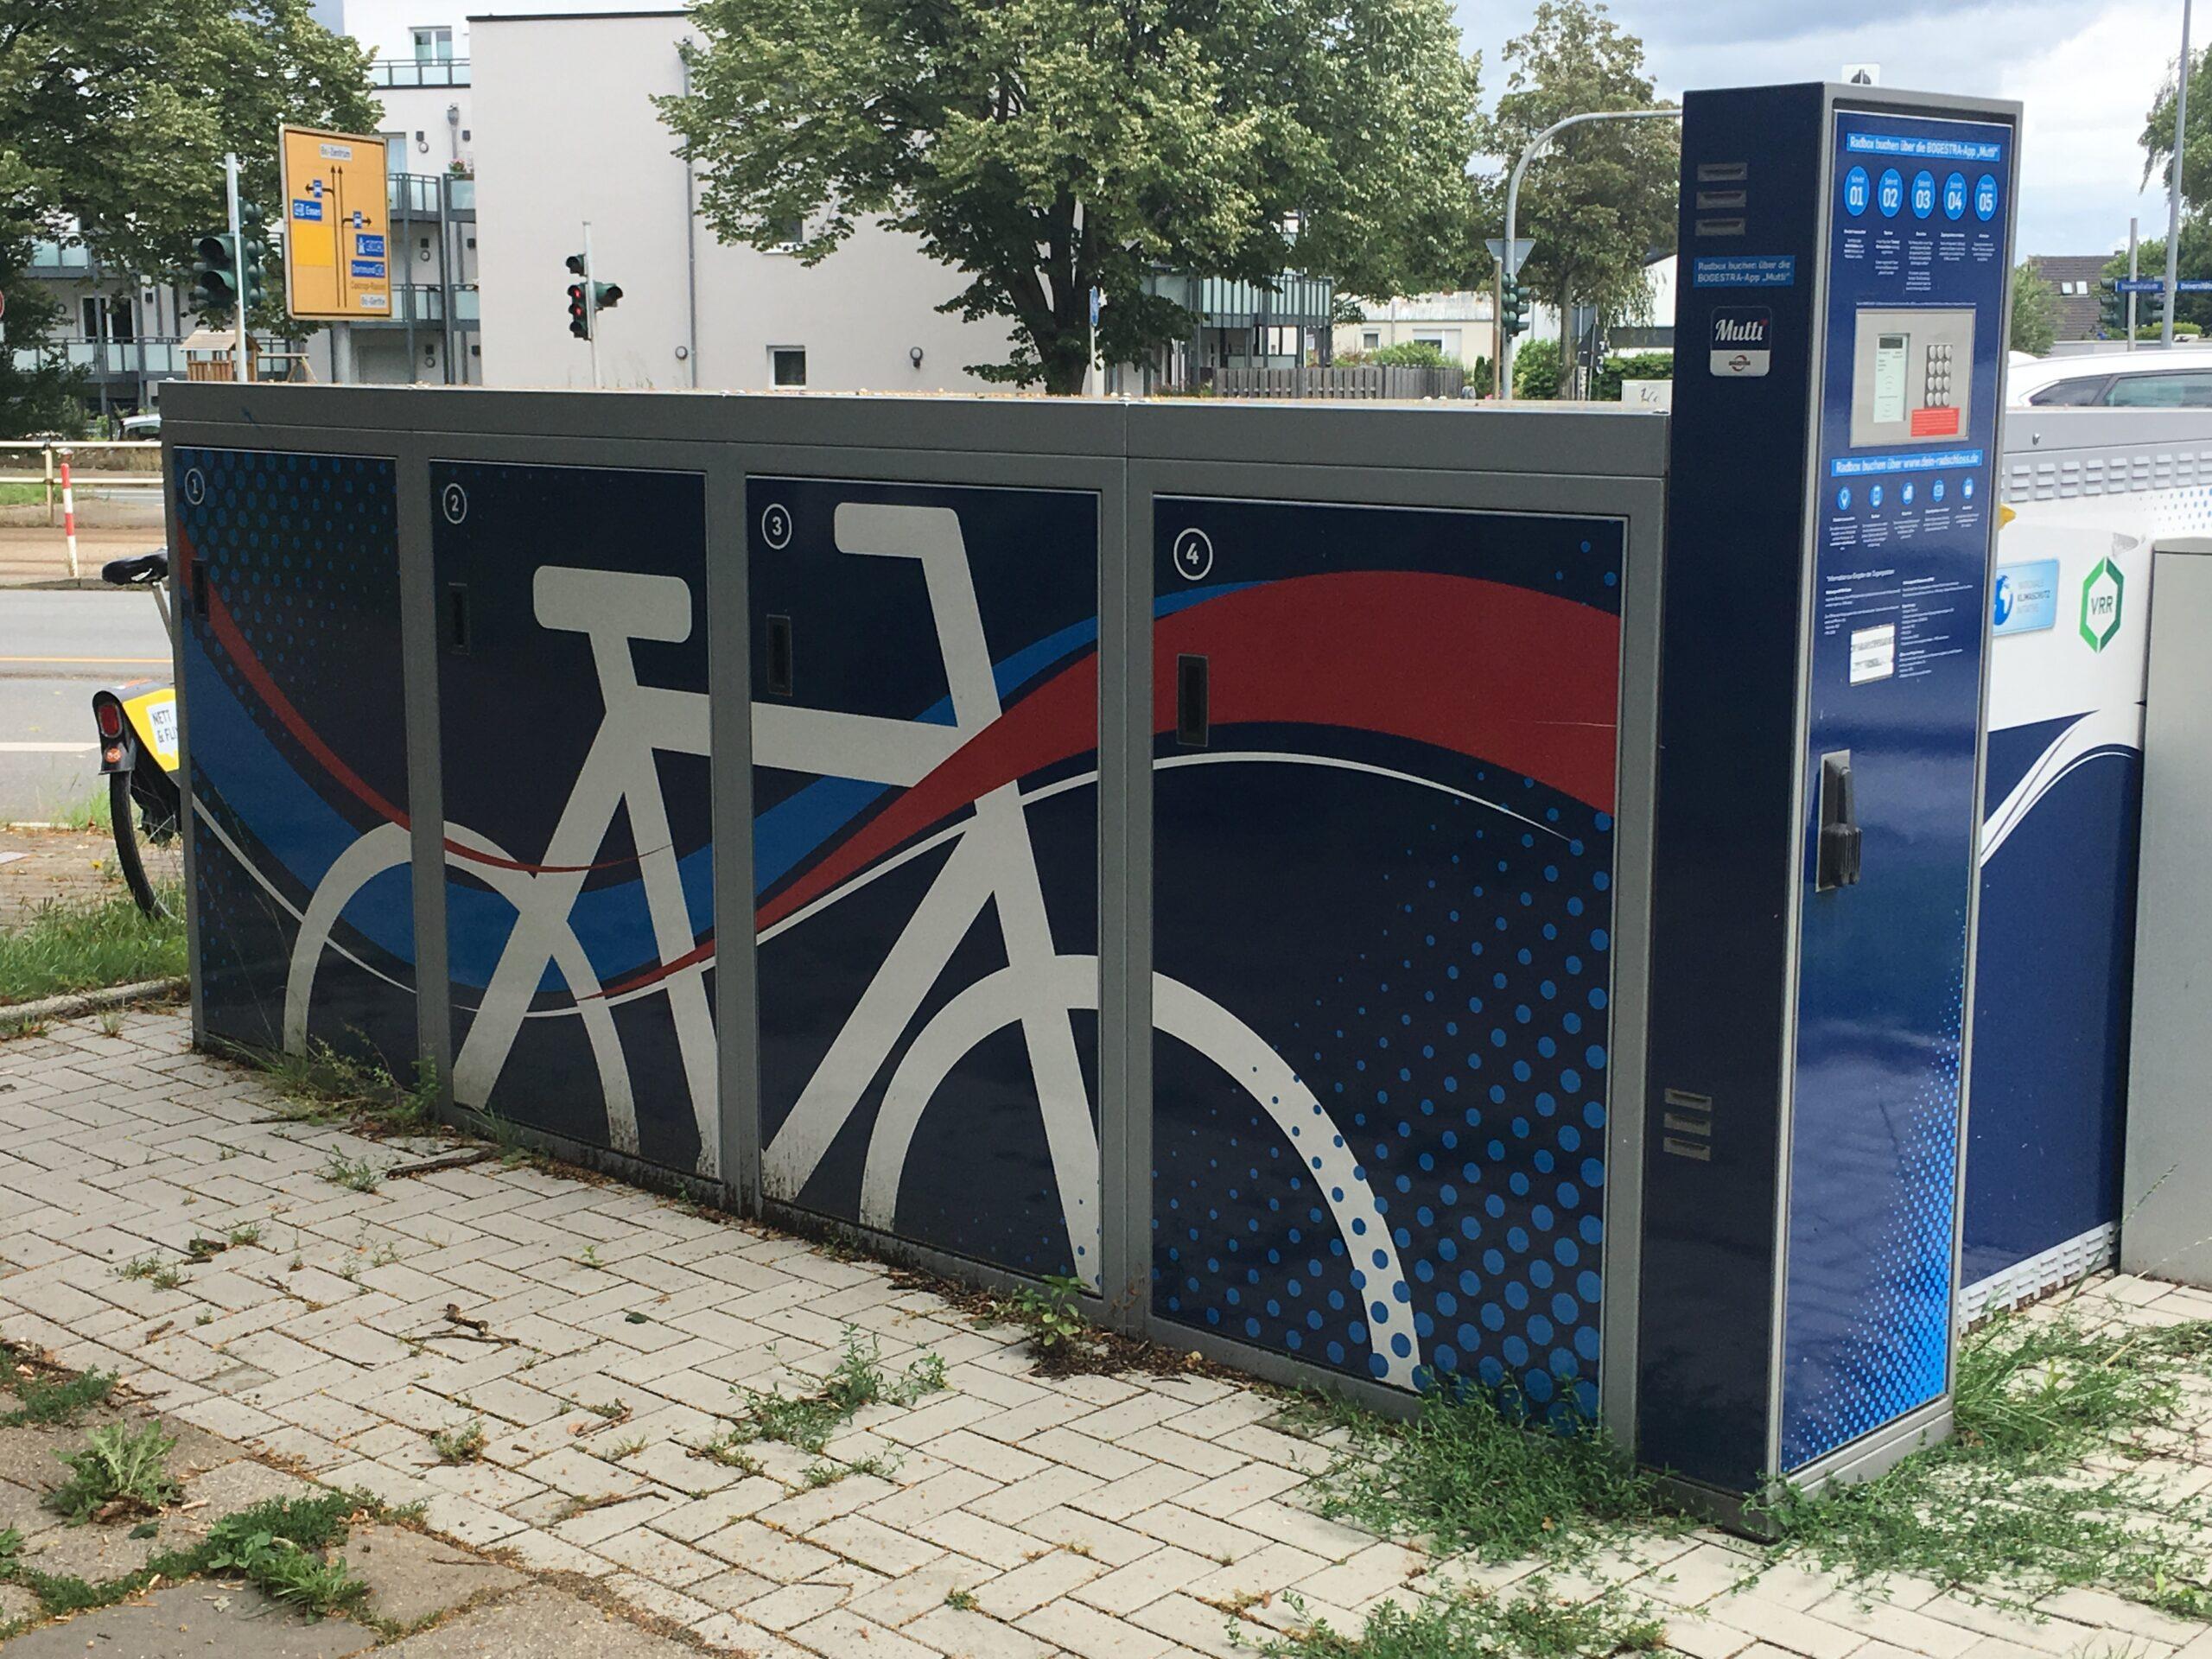 Fahrrad-Abstellplatz S-Bahn